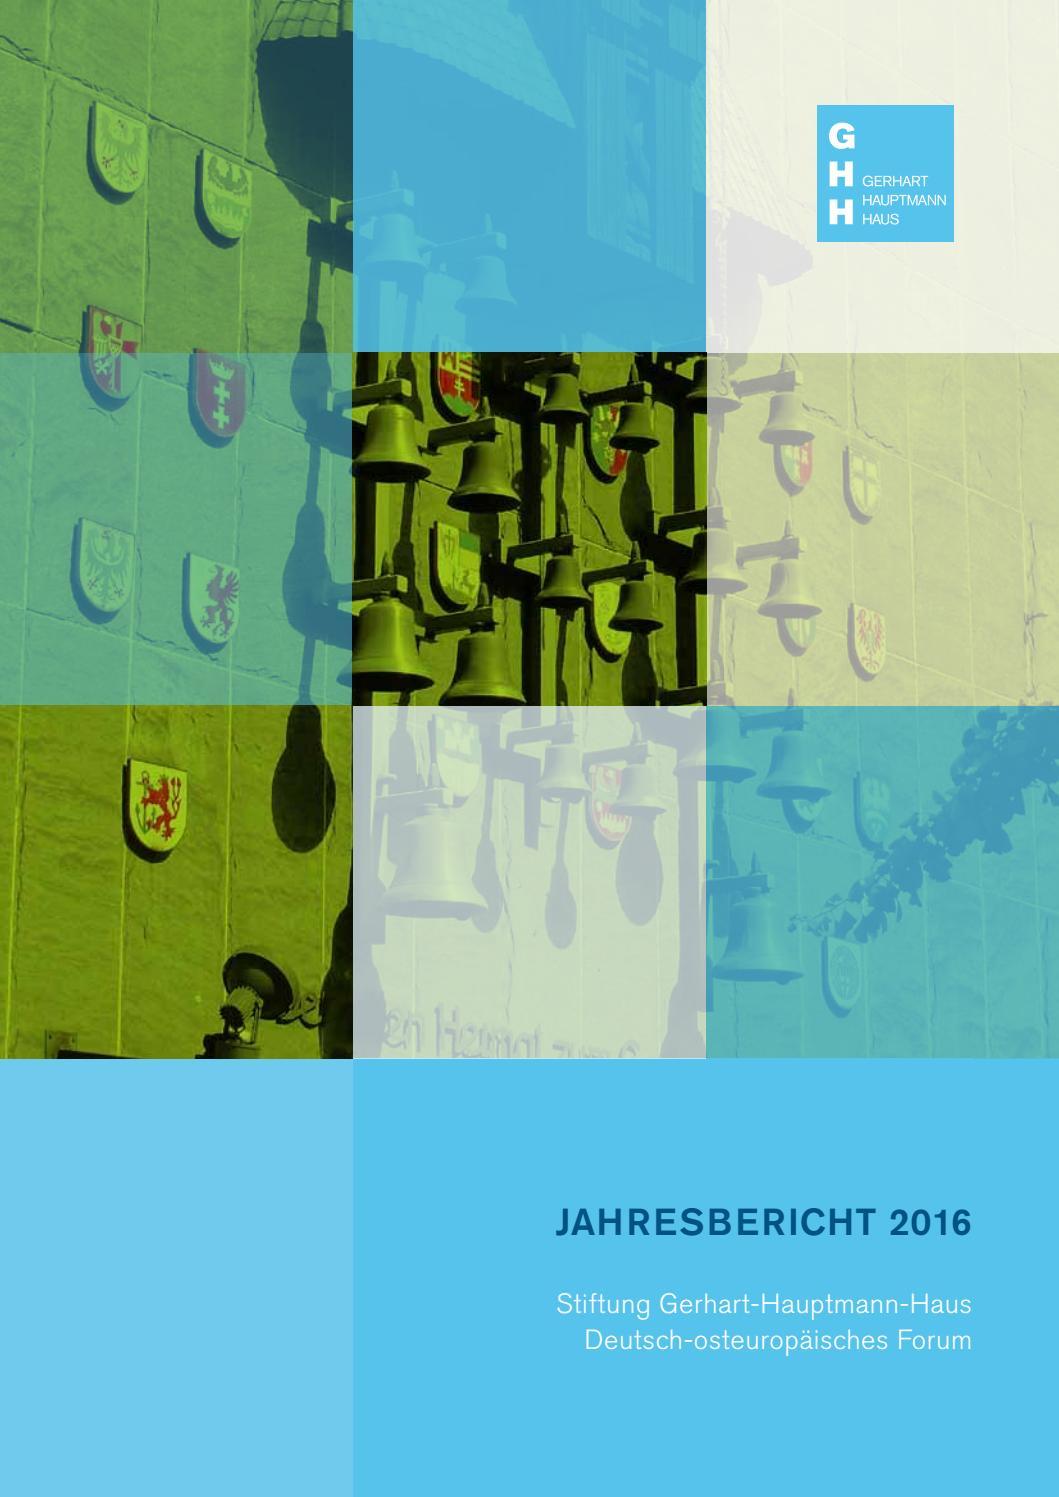 Ghh Jahresbericht 2016 By Stiftung Gerhart Hauptmann Haus Issuu